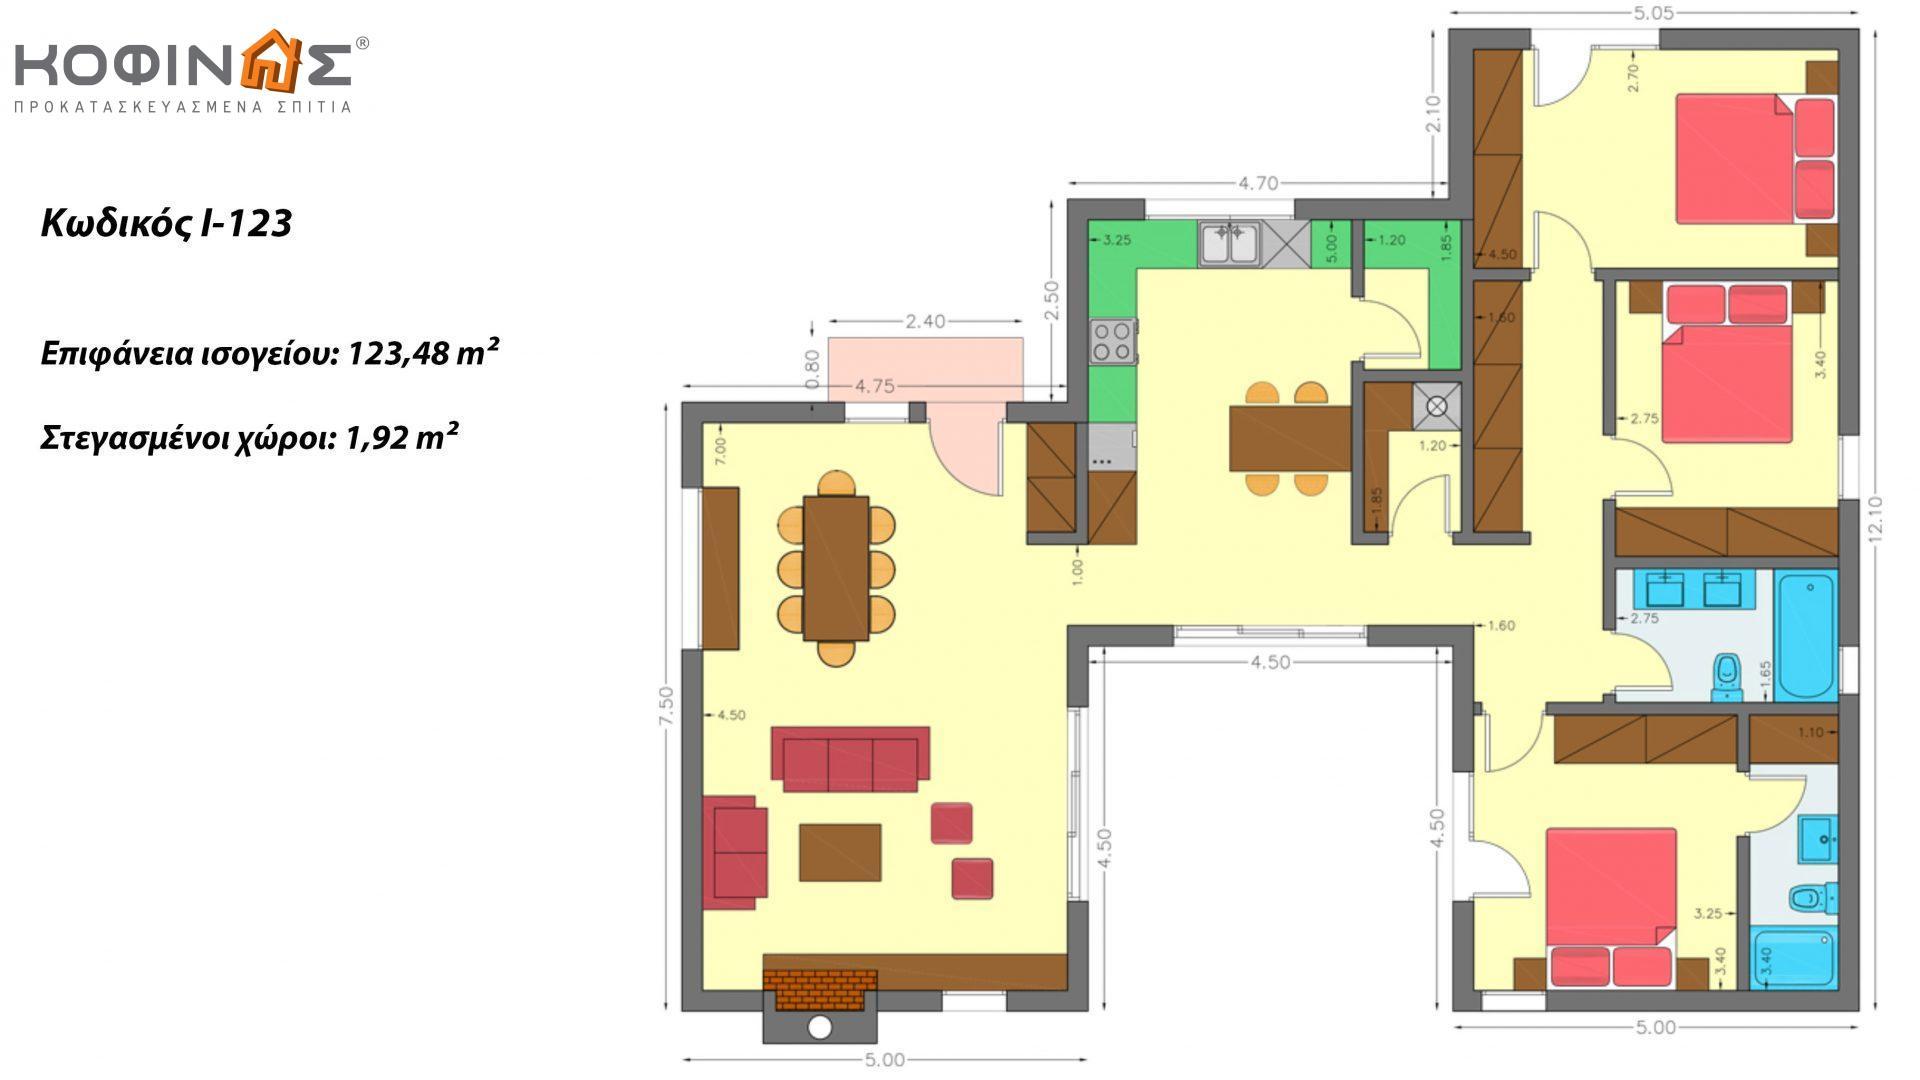 Ισόγεια Κατοικία I-123, συνολικής επιφάνειας 123,48 τ.μ., στεγασμένοι χώροι 1,92 τ.μ.